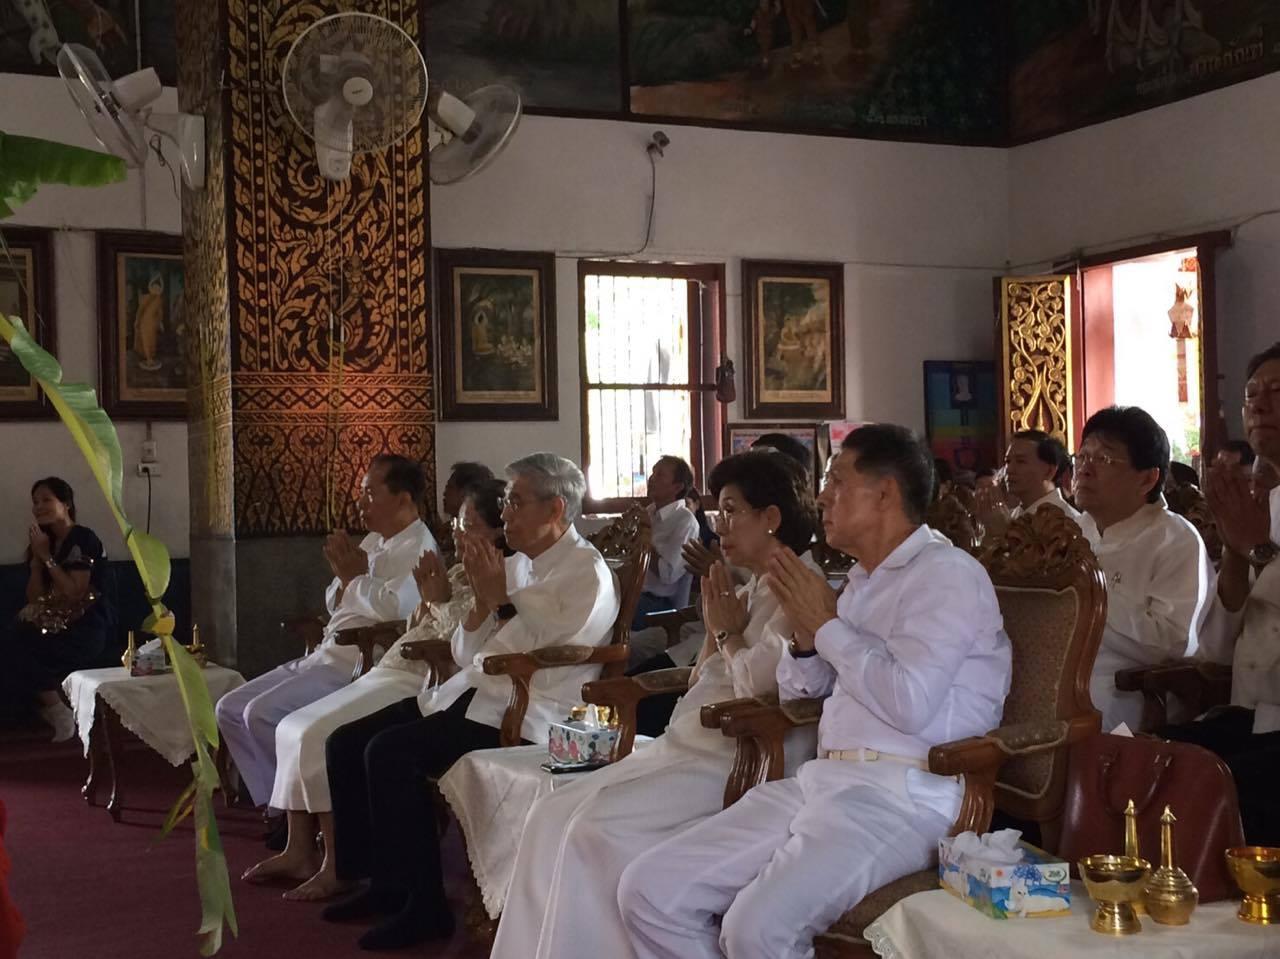 เข้าร่วมพิธีมหาพุทธาภิเษกพระพุทธหริภุญไชยสุภมงคล พระพุทธรูปประจำมหาวิทยาลัยเชียงใหม่